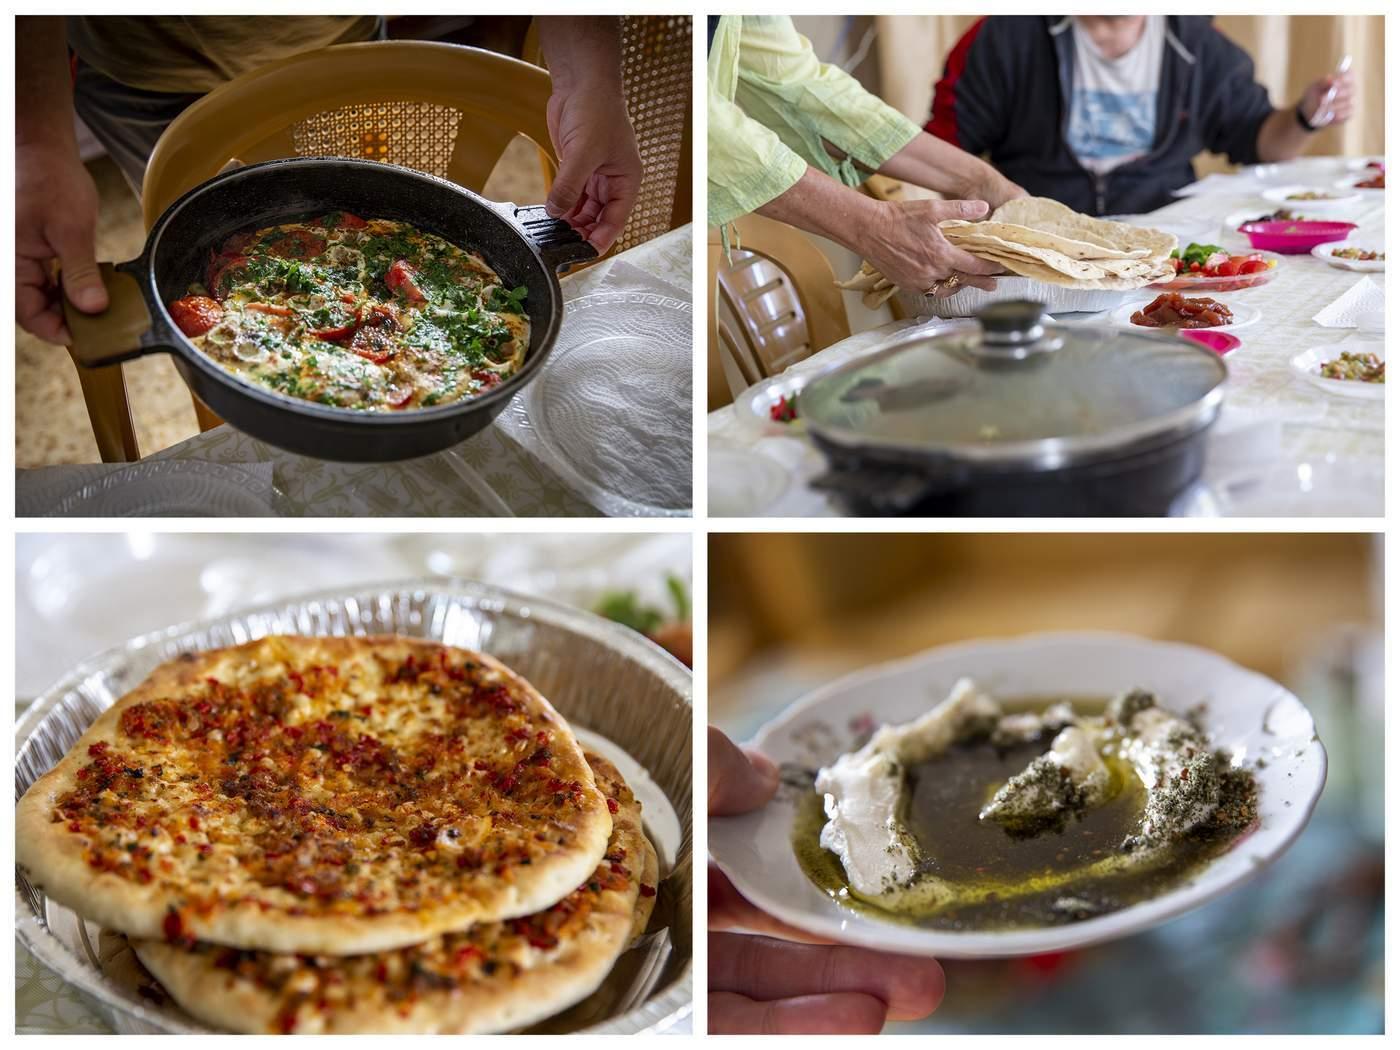 מסעדות כפר טבאש